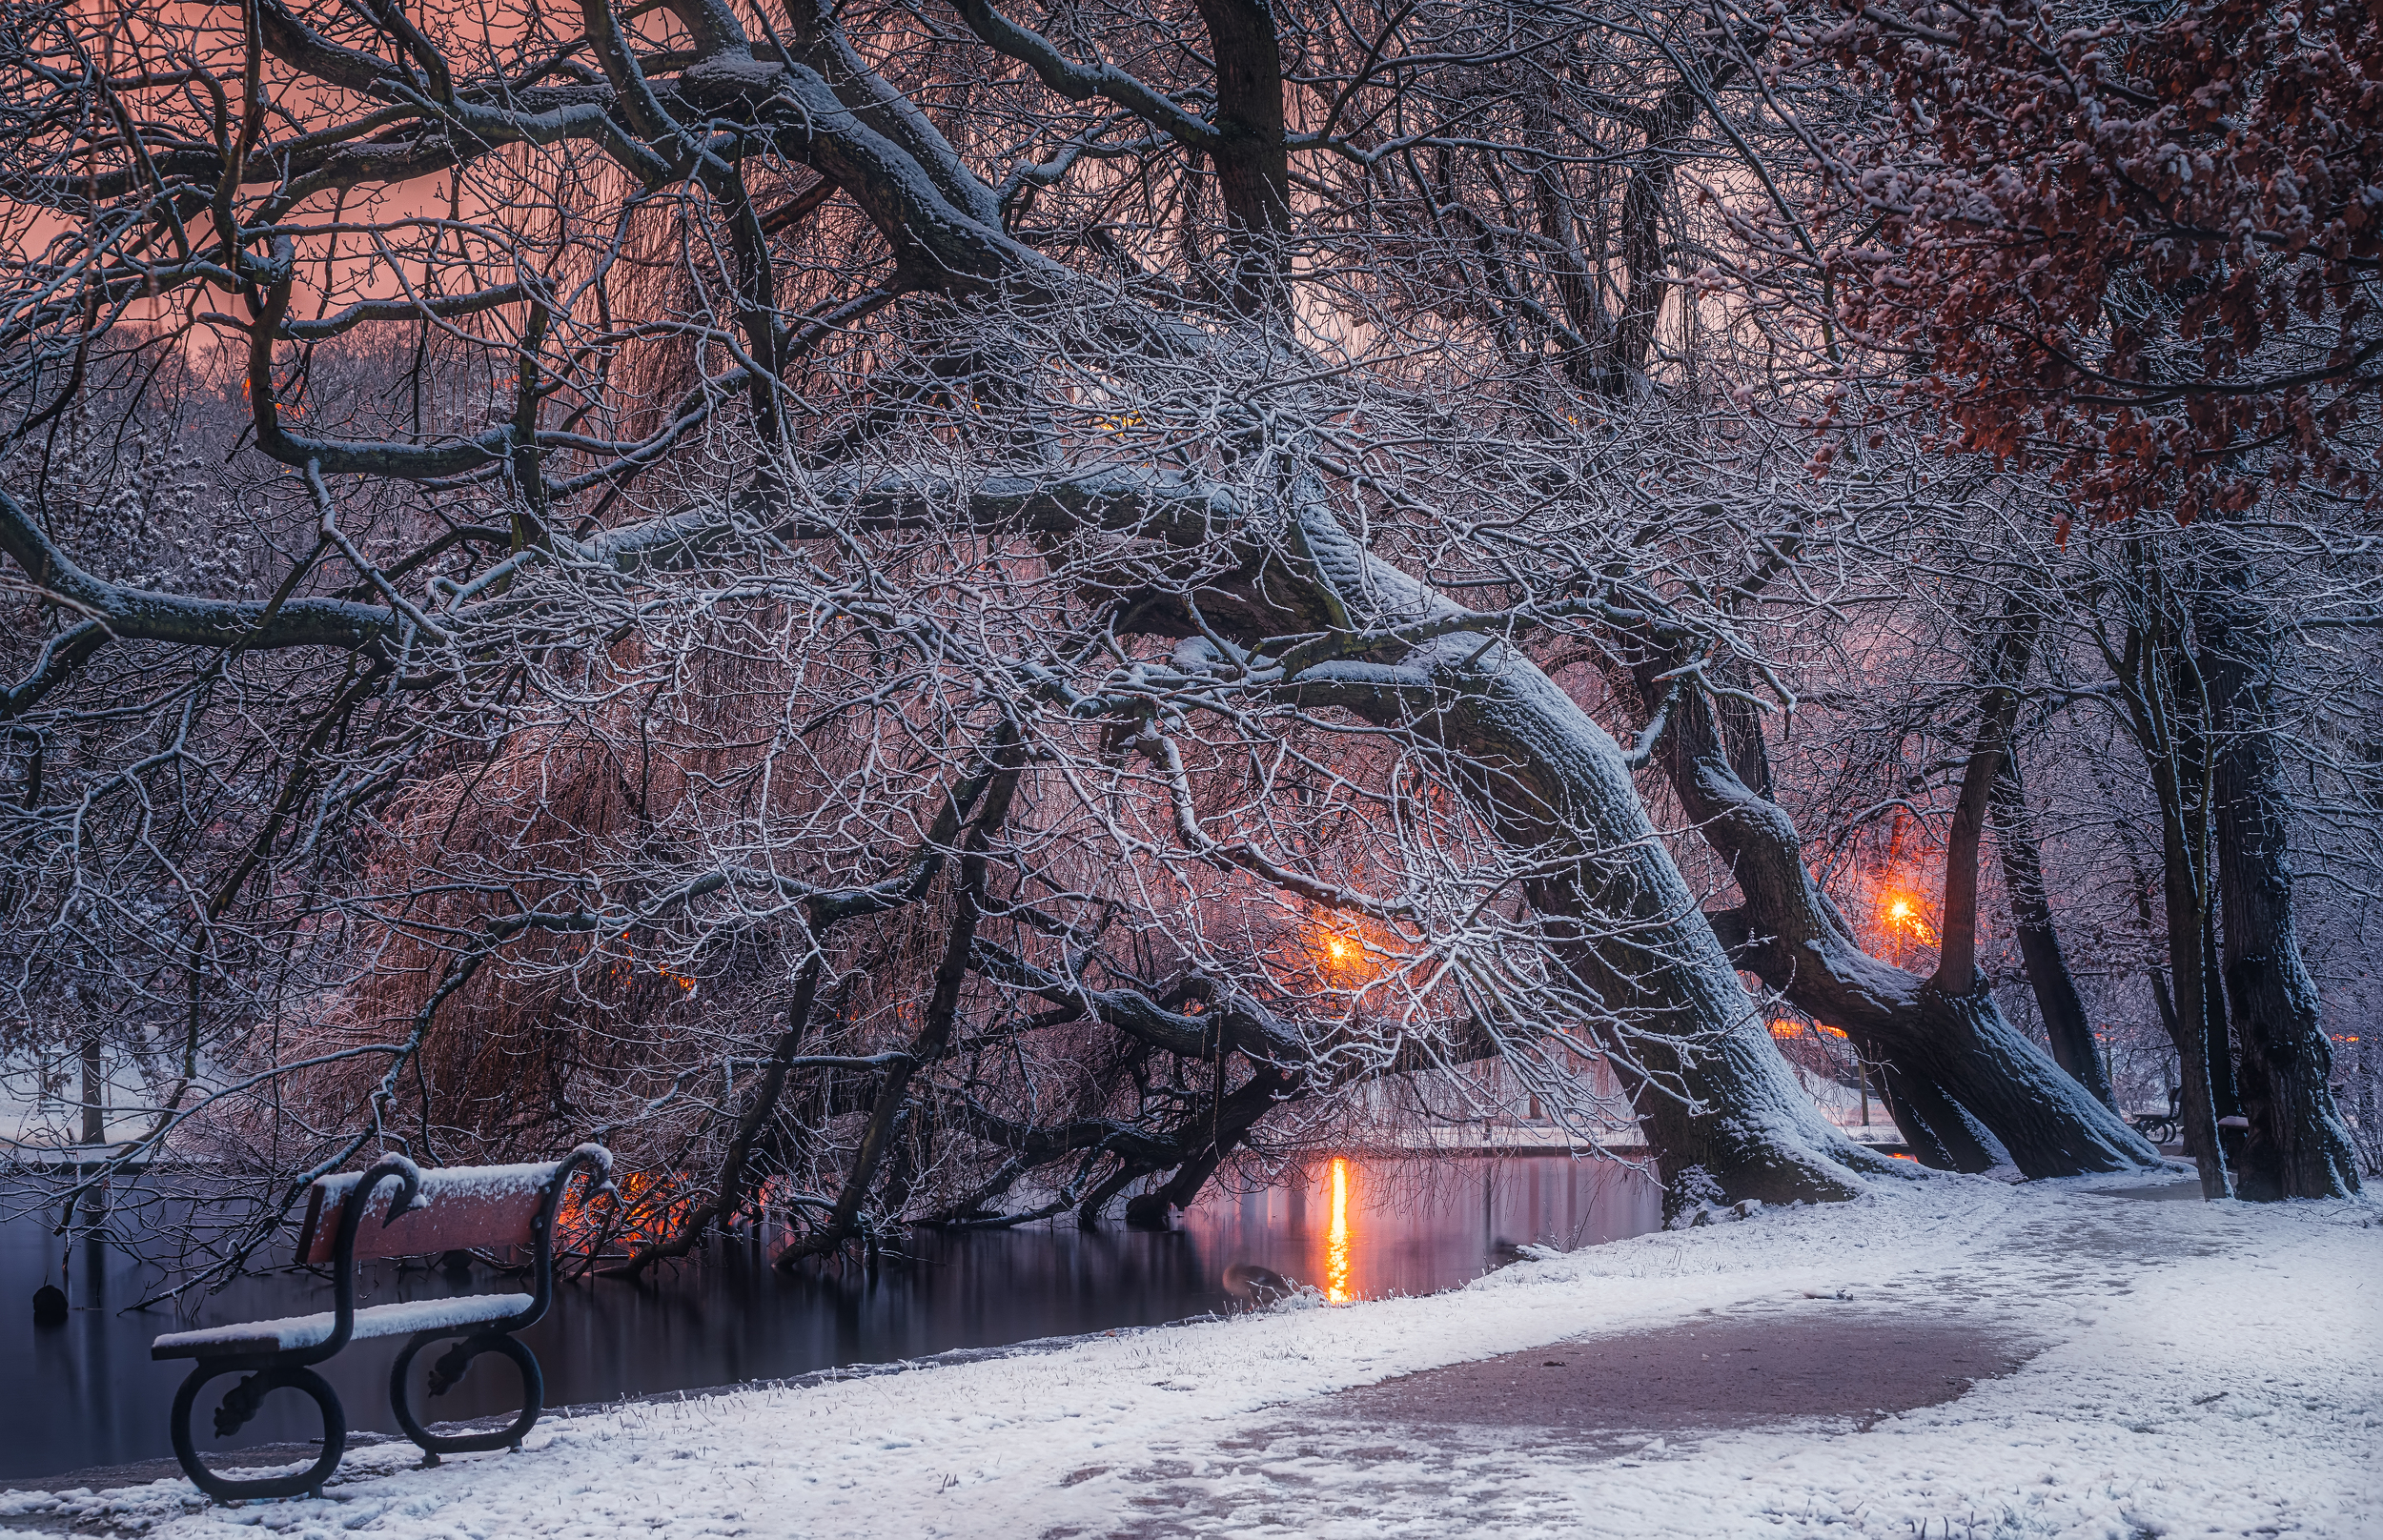 Нет людей  на улице  фотография  зима  снег  дерево  природа  Вода Природа  Холодная температура  день  Пейзаж   небо  спокойствие  Красота в природе  лес  Спокойная сцена  мороз , Ожерельев Андрей